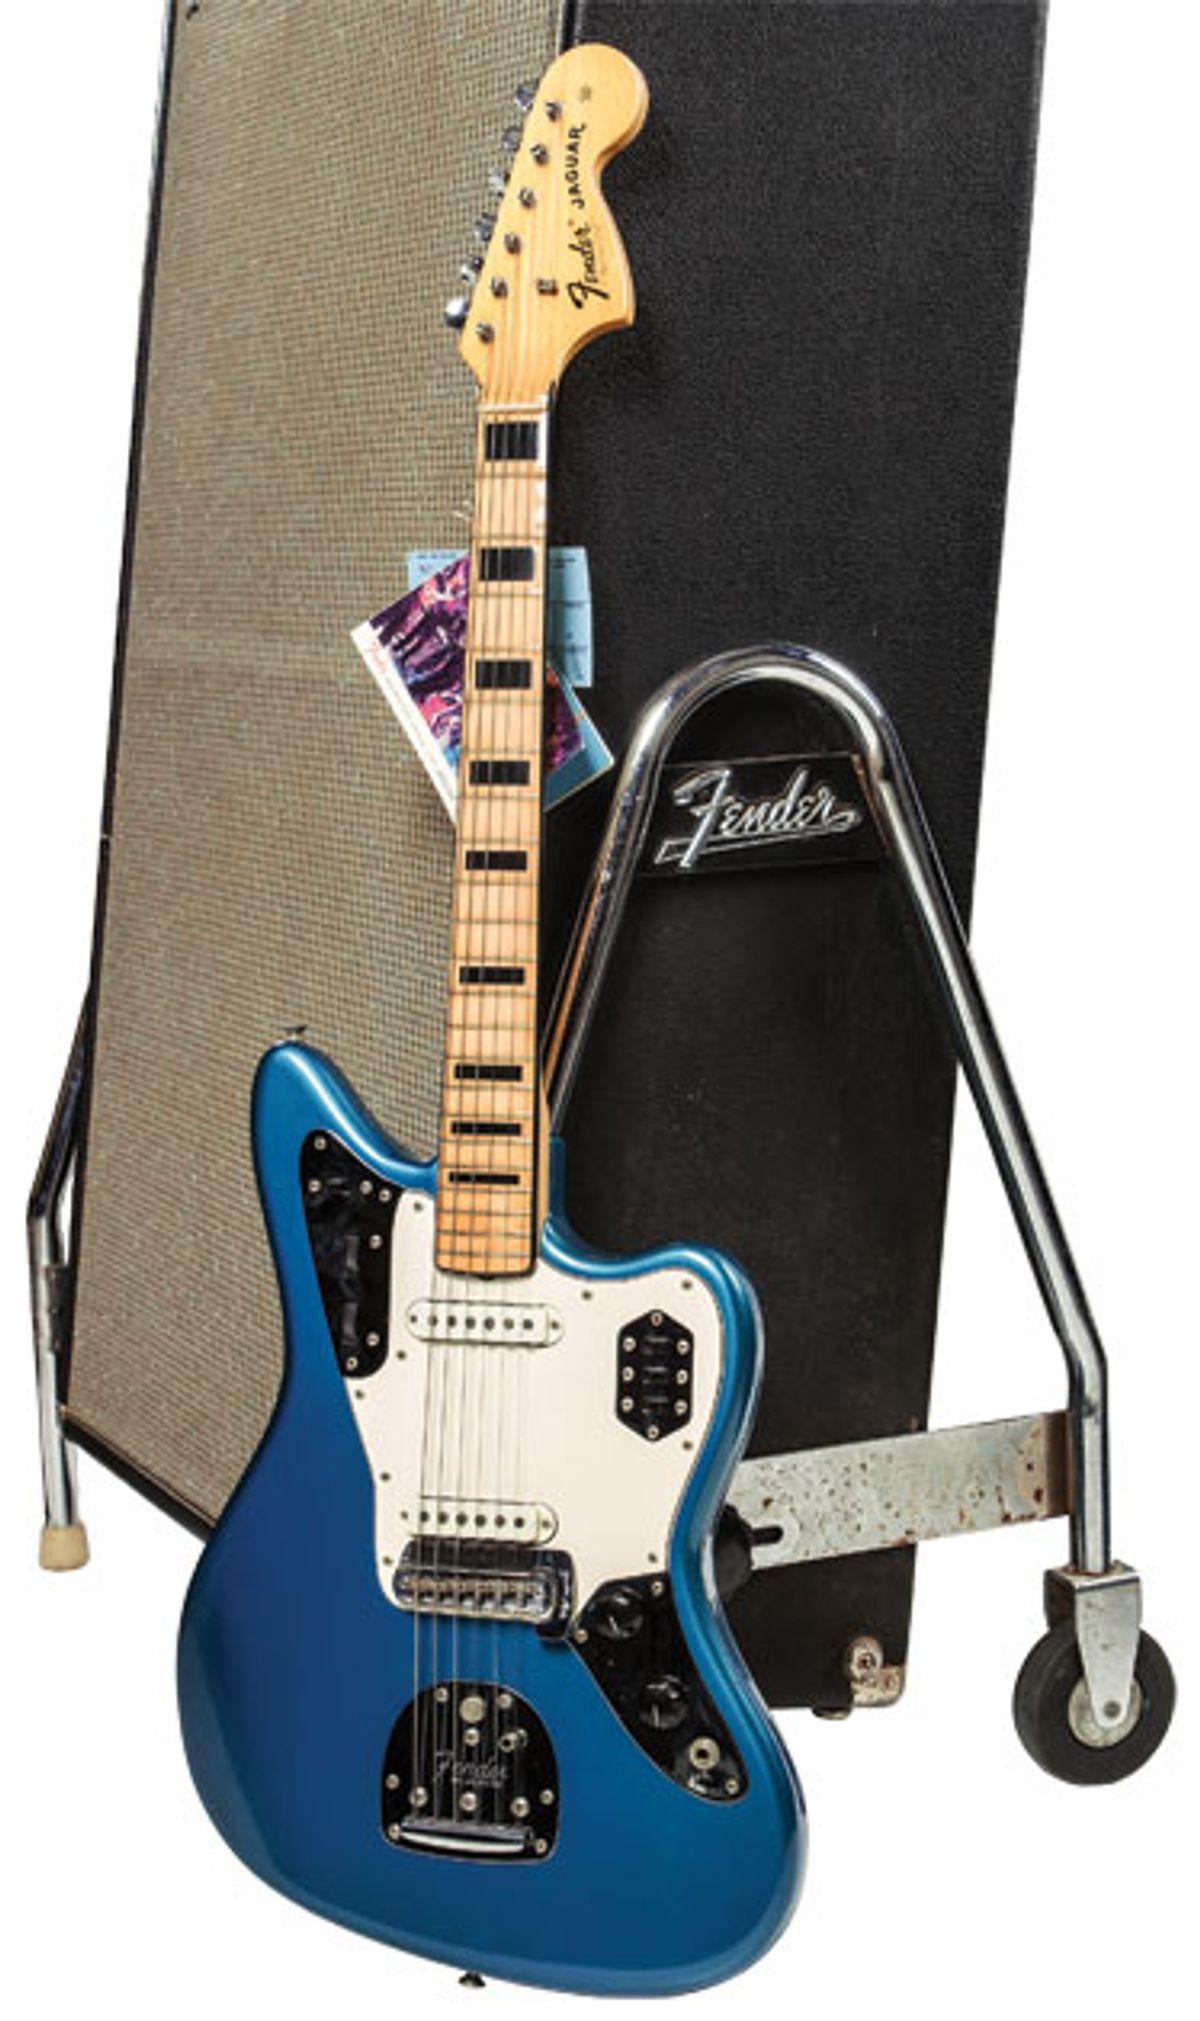 Vintage Vault: 1972 Fender Jaguar